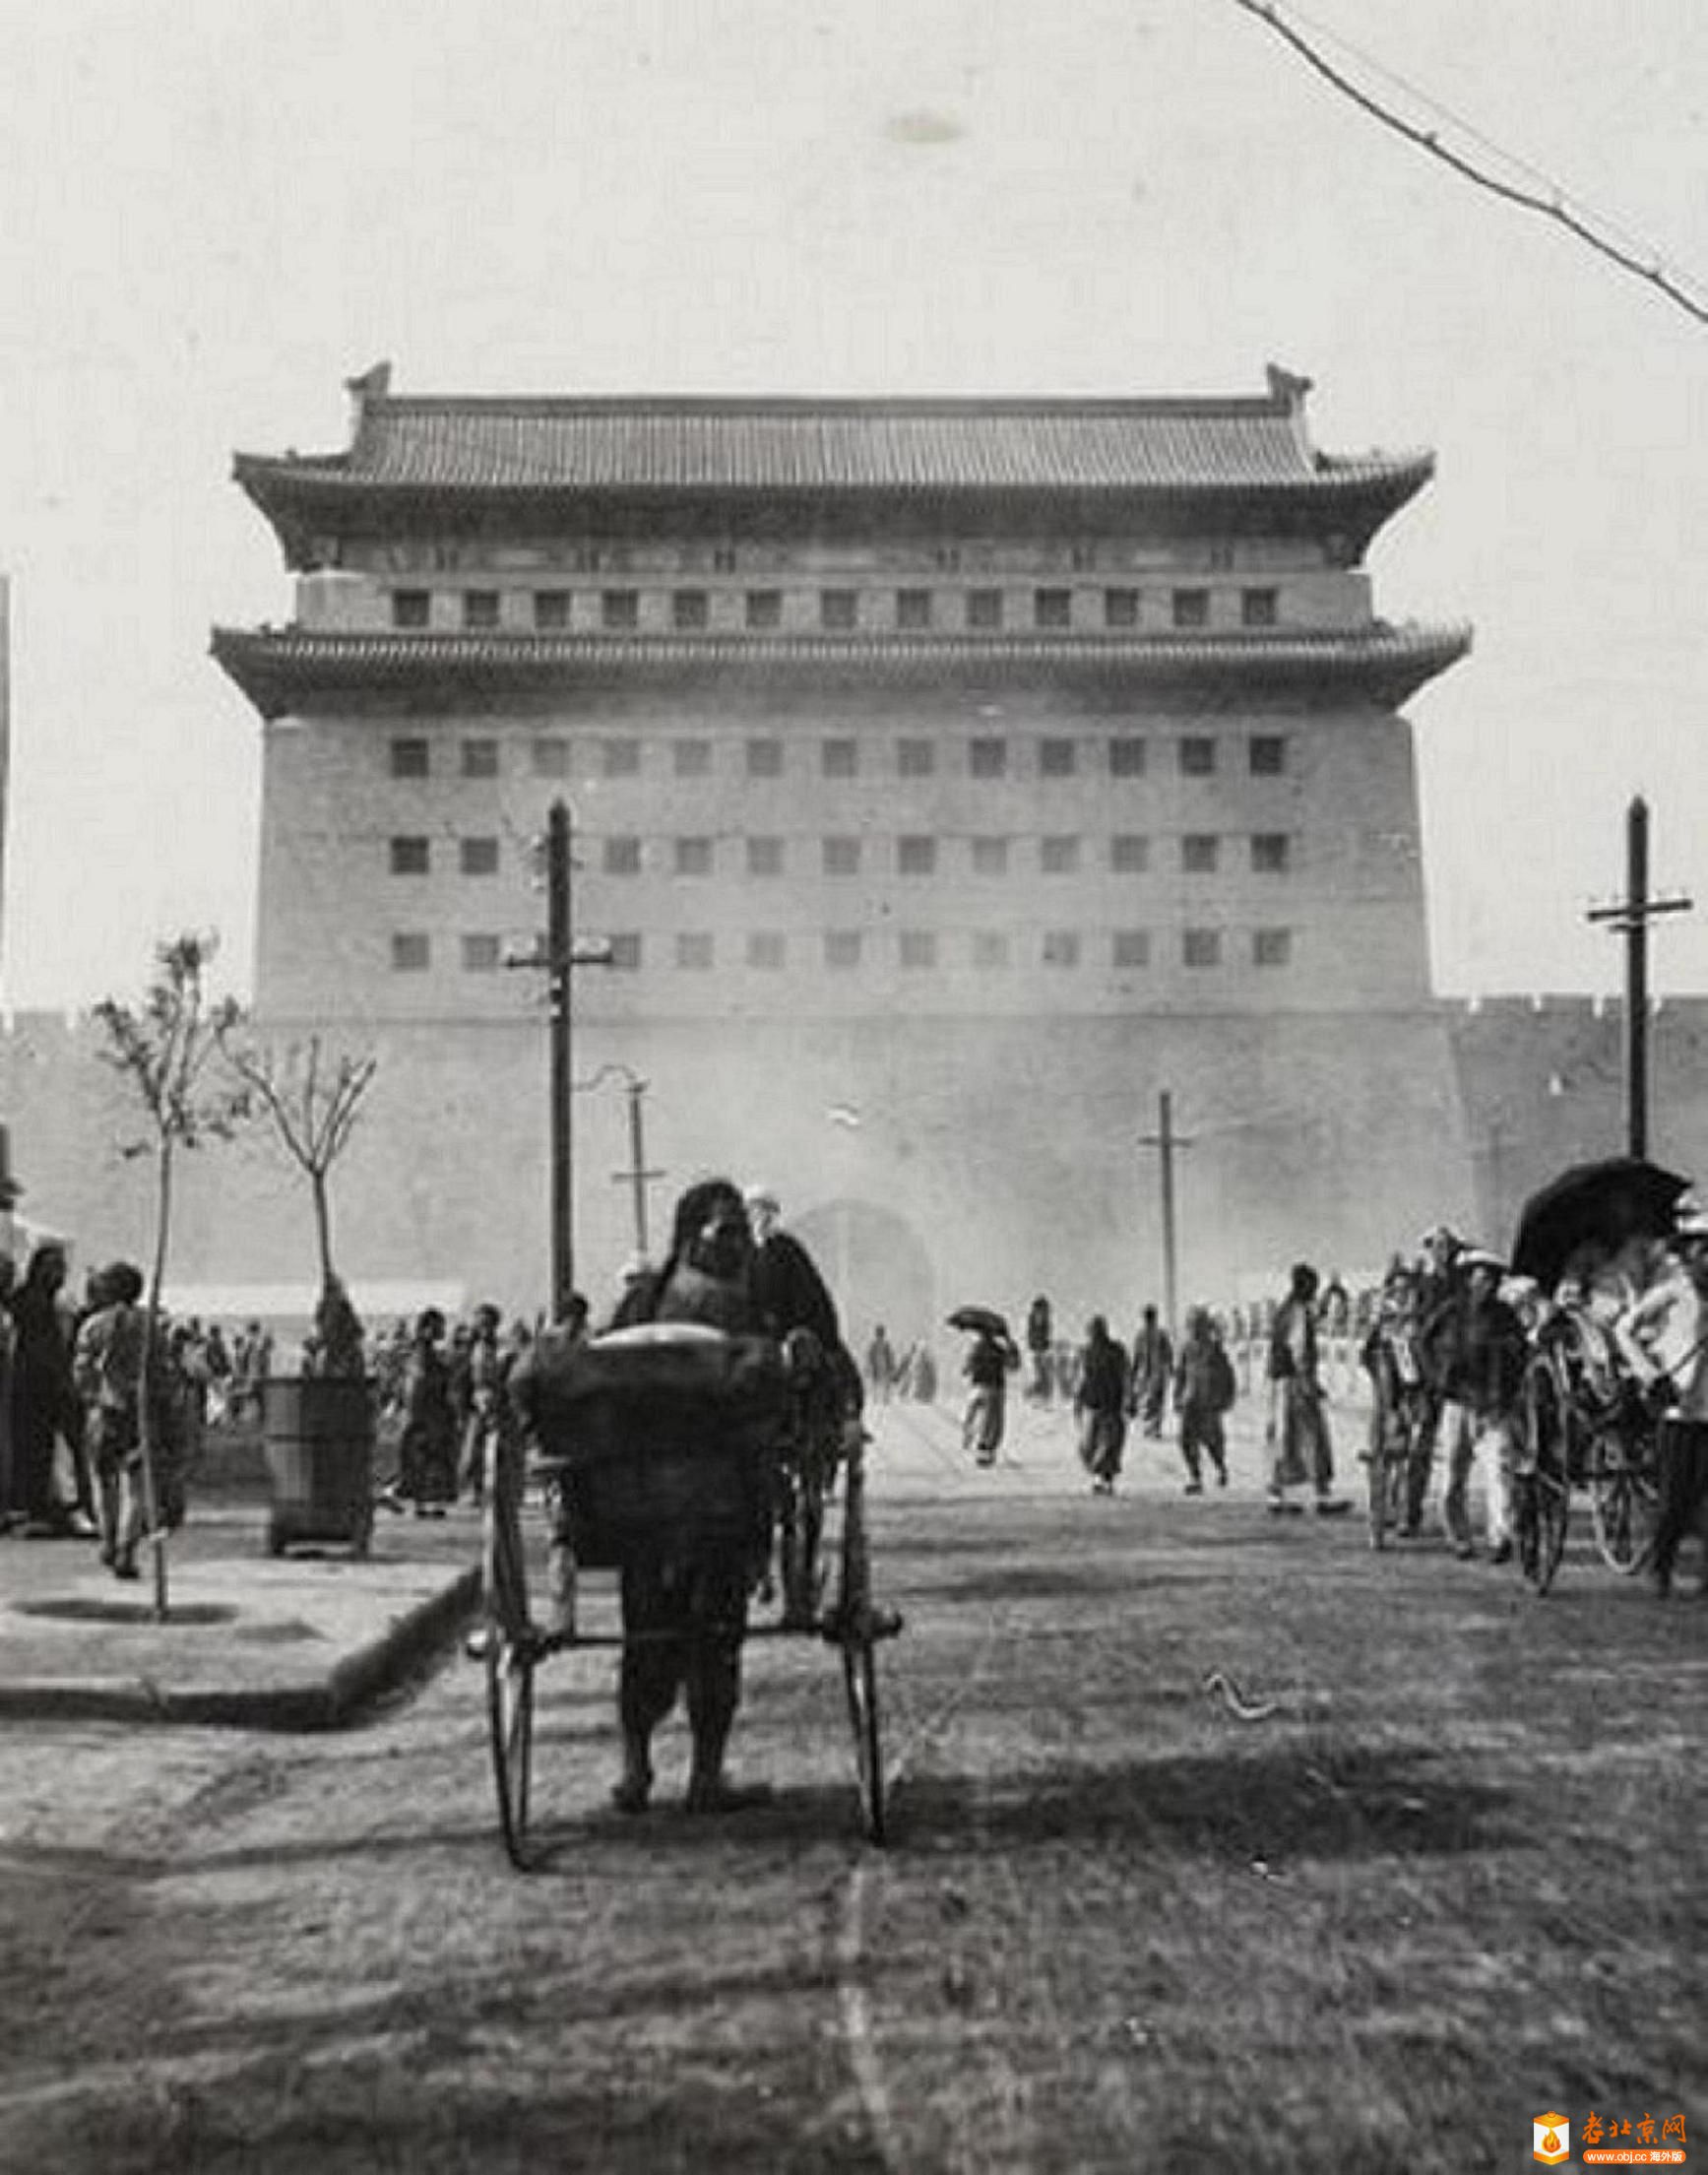 186.正阳门-箭楼        (190-年).jpg